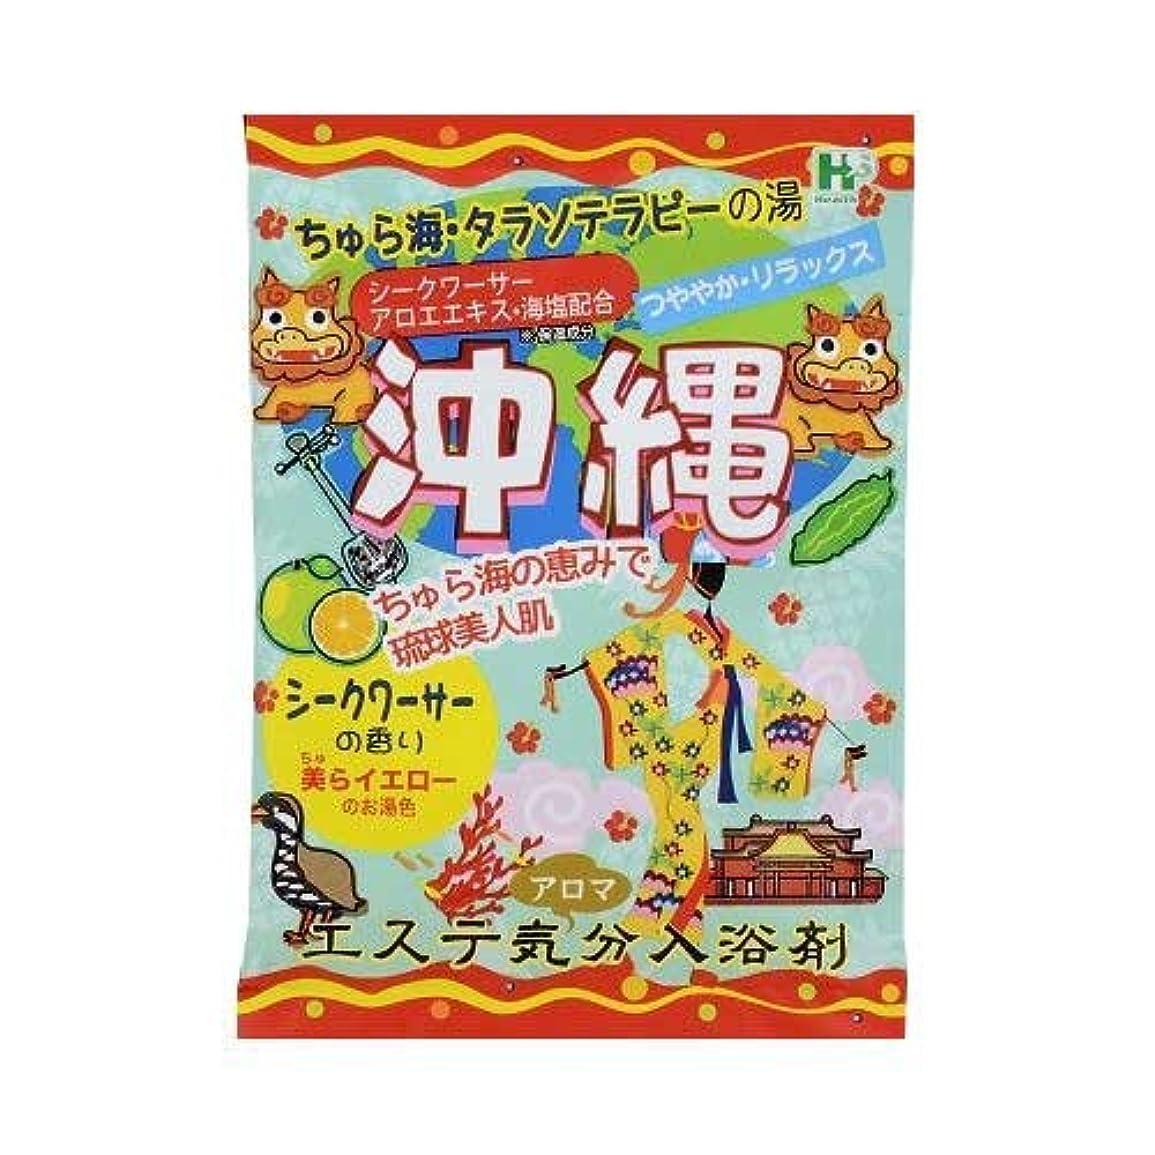 箱告白する神学校エステ気分アロマ入浴剤 沖縄 40g